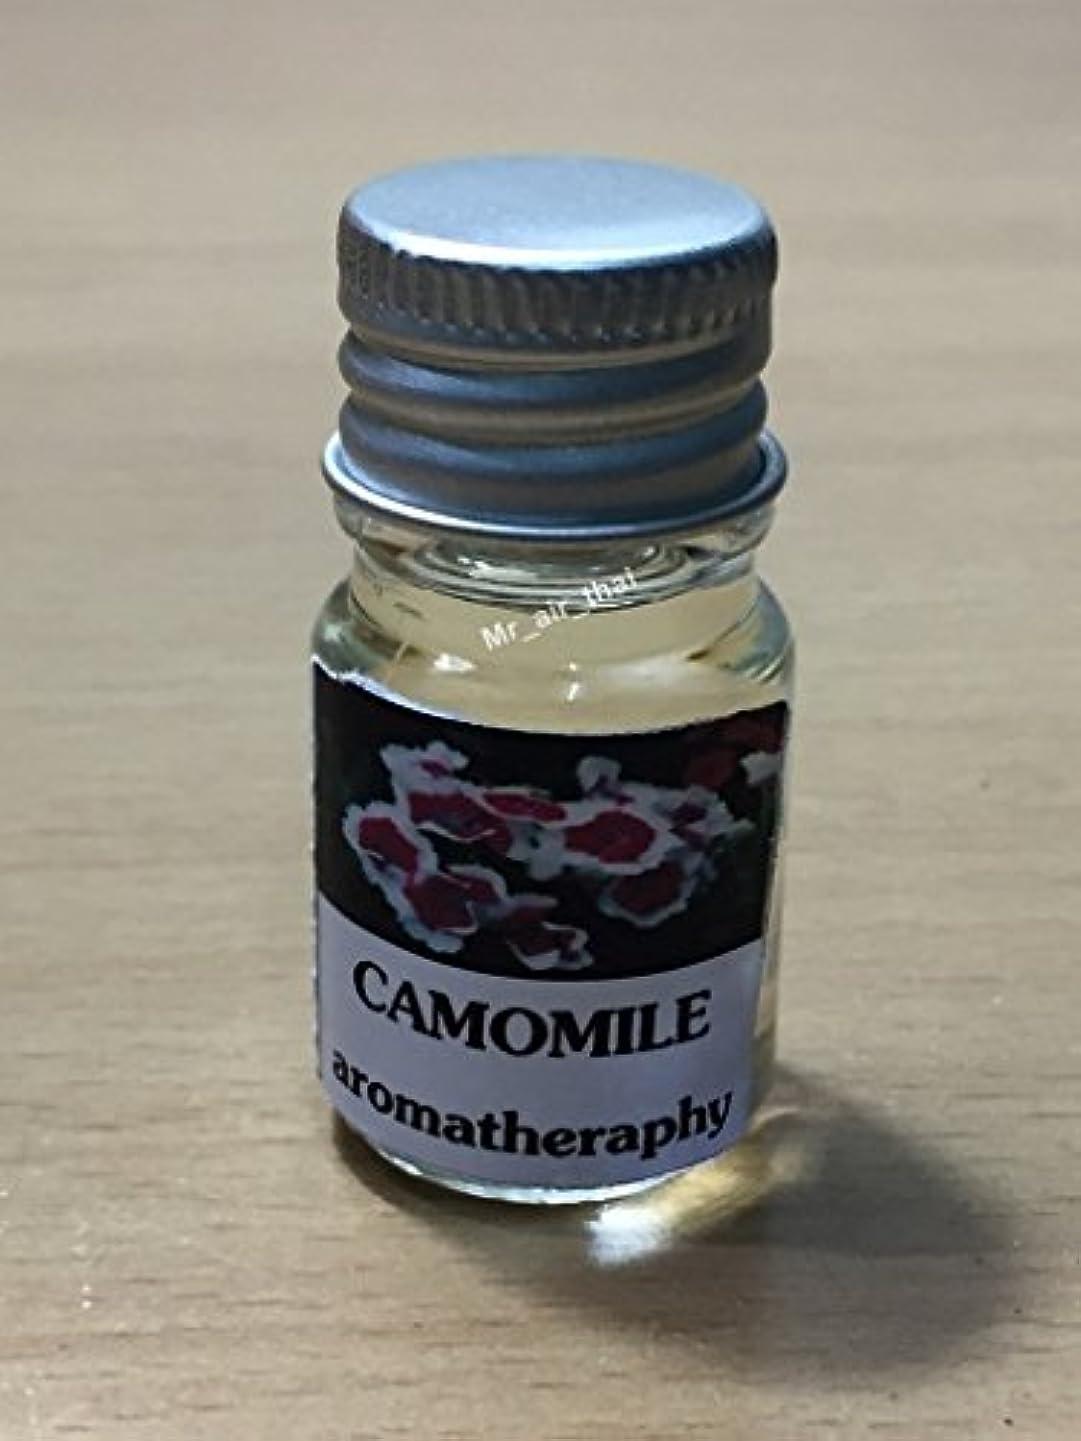 災難ナイロンすずめ5ミリリットルアロマカモミールフランクインセンスエッセンシャルオイルボトルアロマテラピーオイル自然自然5ml Aroma Camomile Frankincense Essential Oil Bottles Aromatherapy...